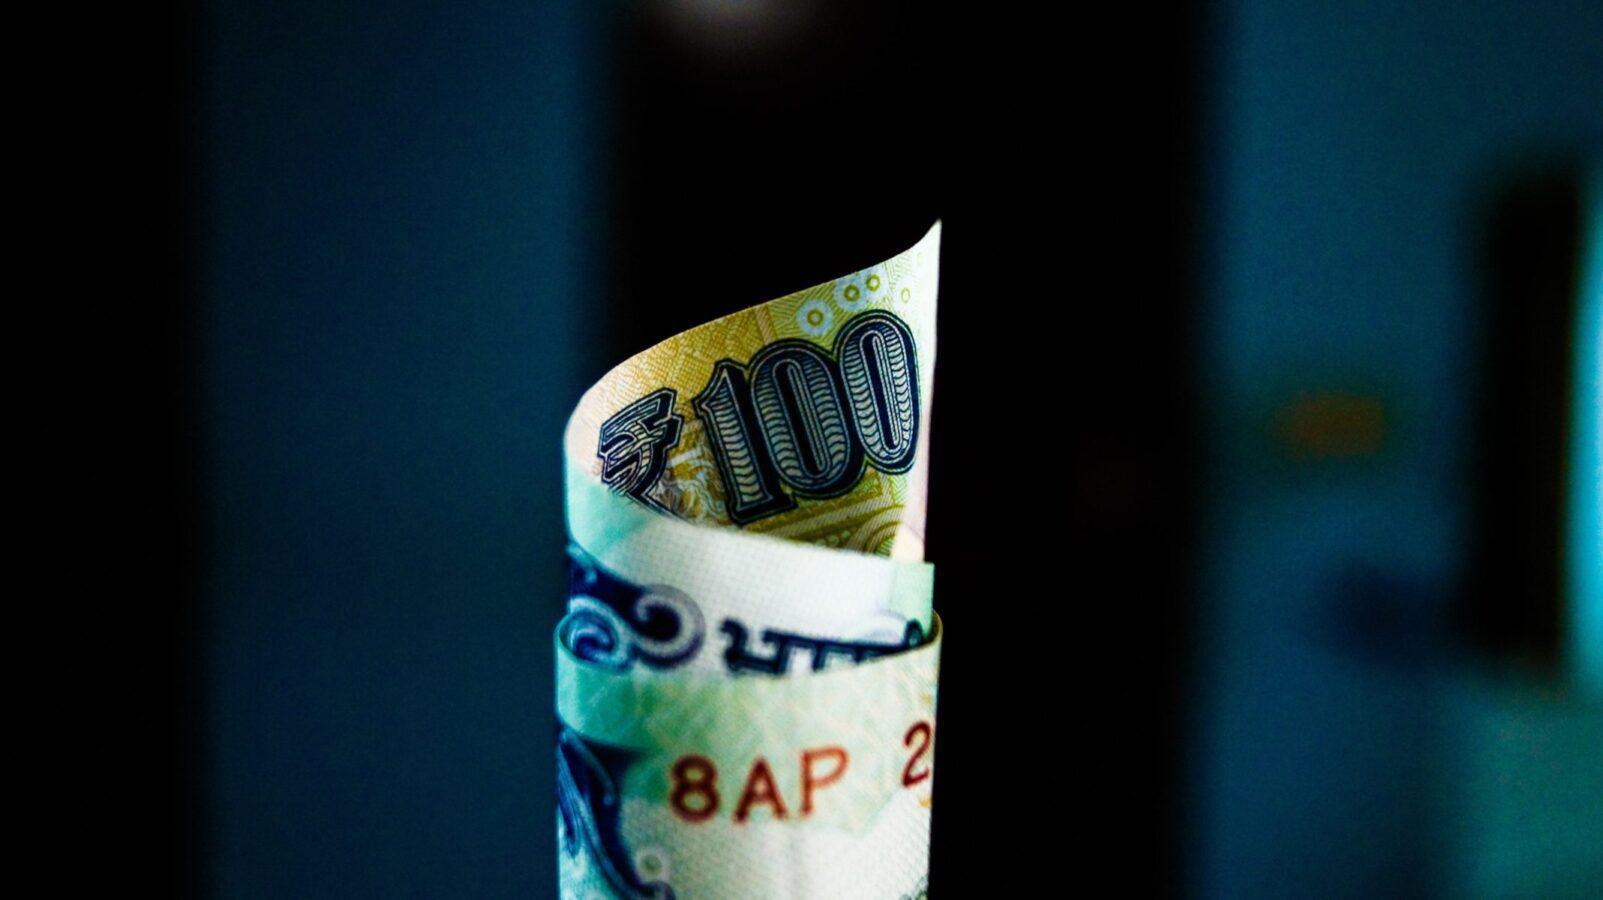 100 200 300 400 500 600 700 800 900 1000 Loans